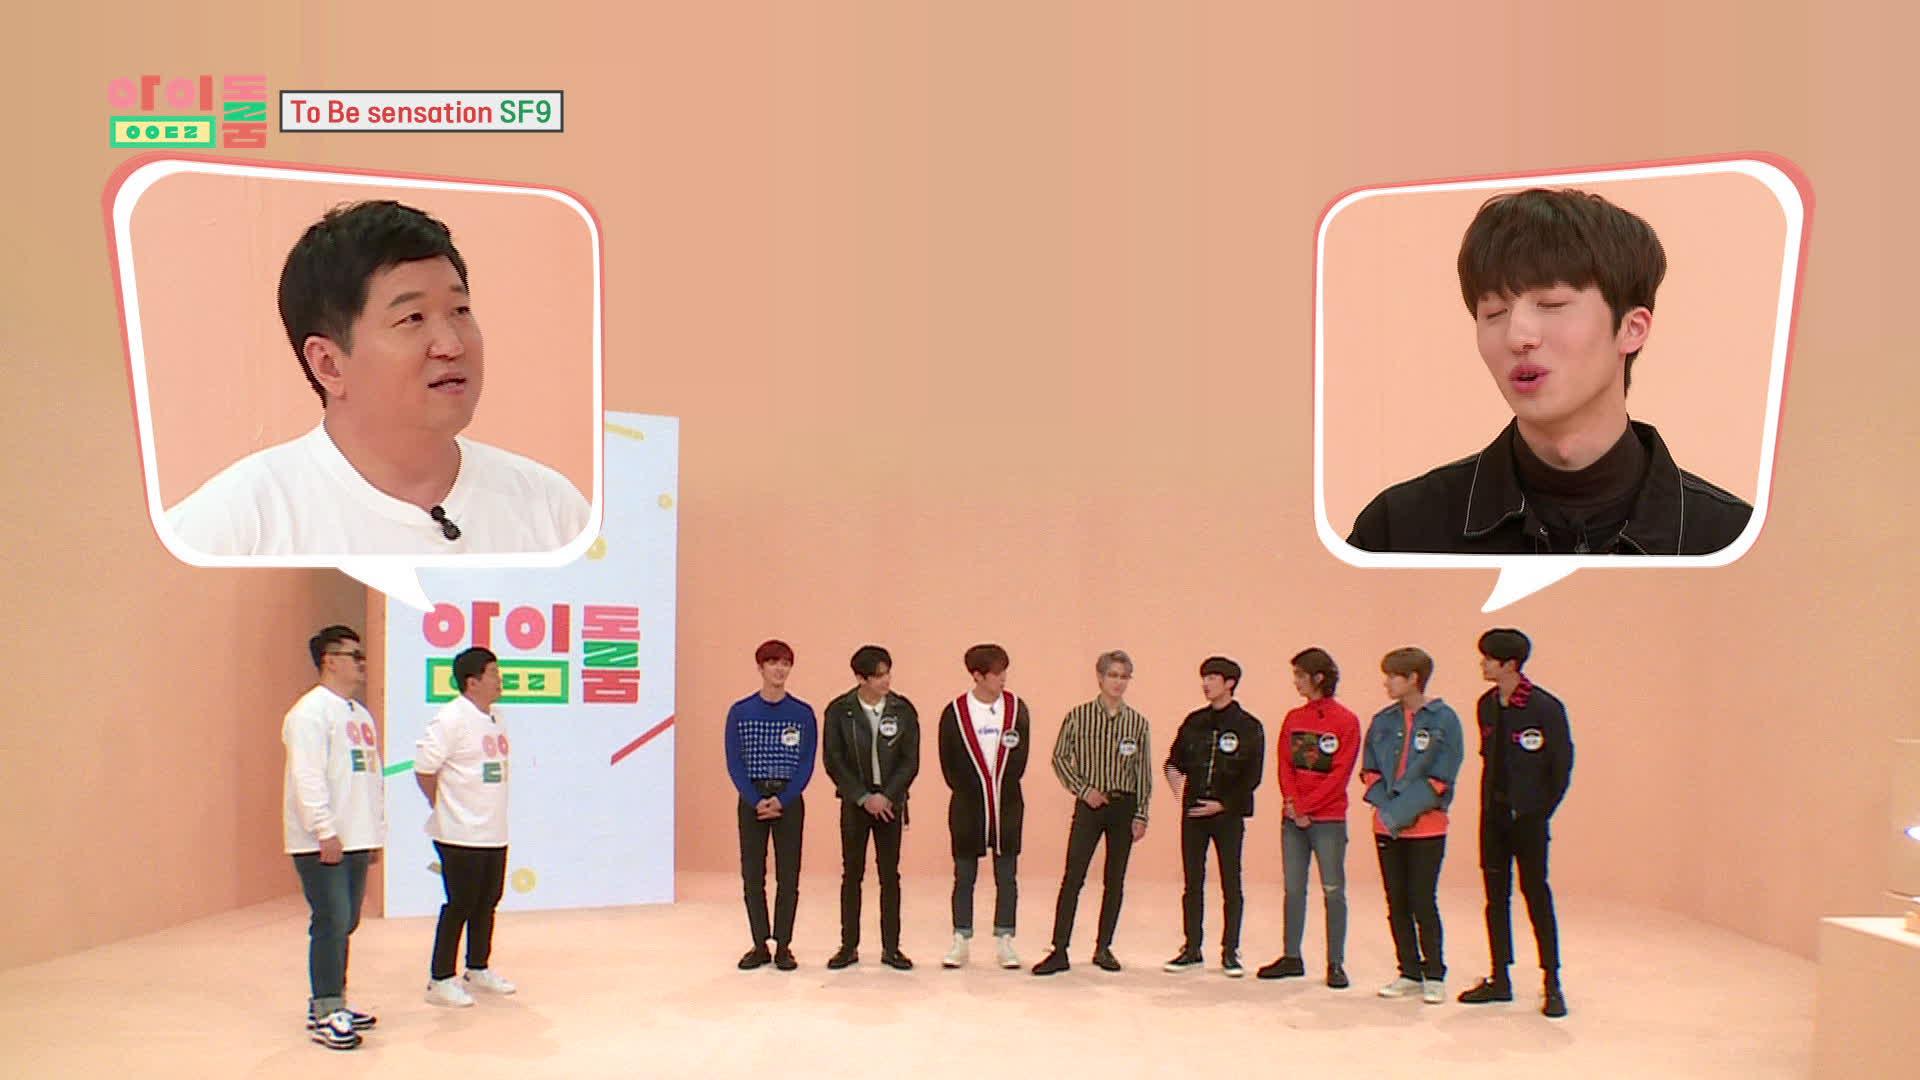 아이돌룸(IDOL ROOM) 40회 - 오늘 출근 아이돌 To Be Sensation SF9.mov